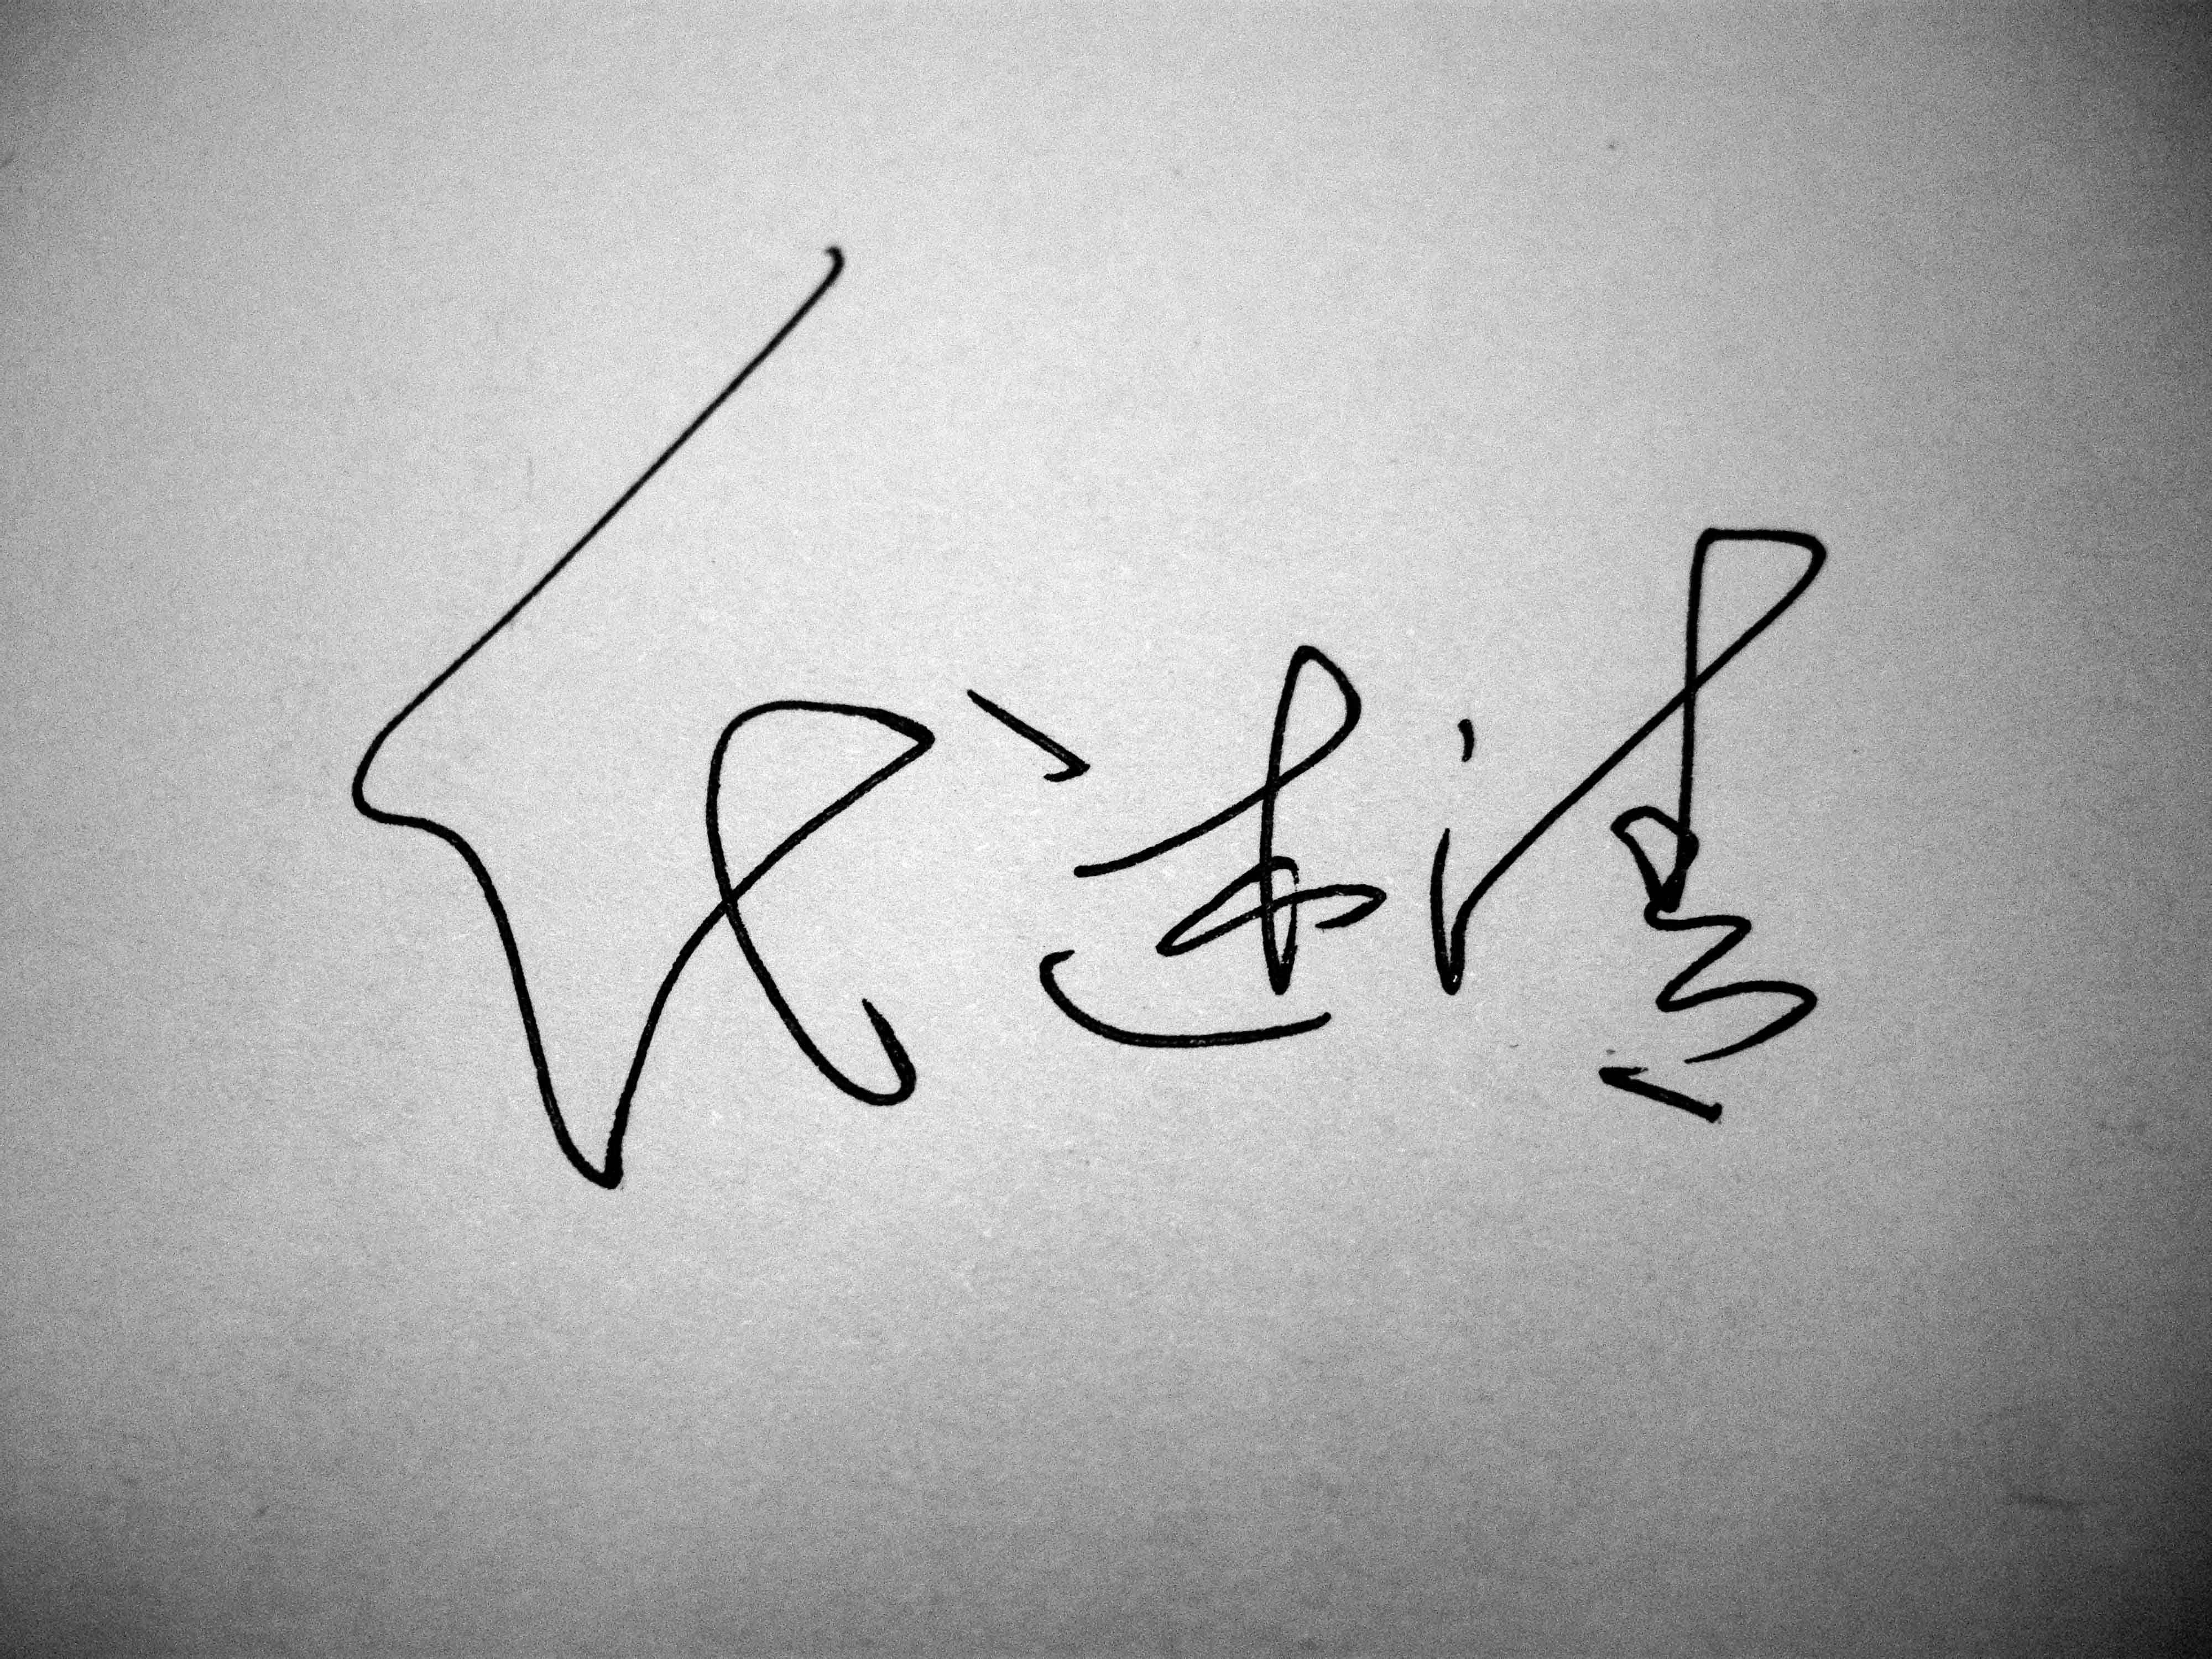 个人签名_手写签名设计免费版 - 第3页